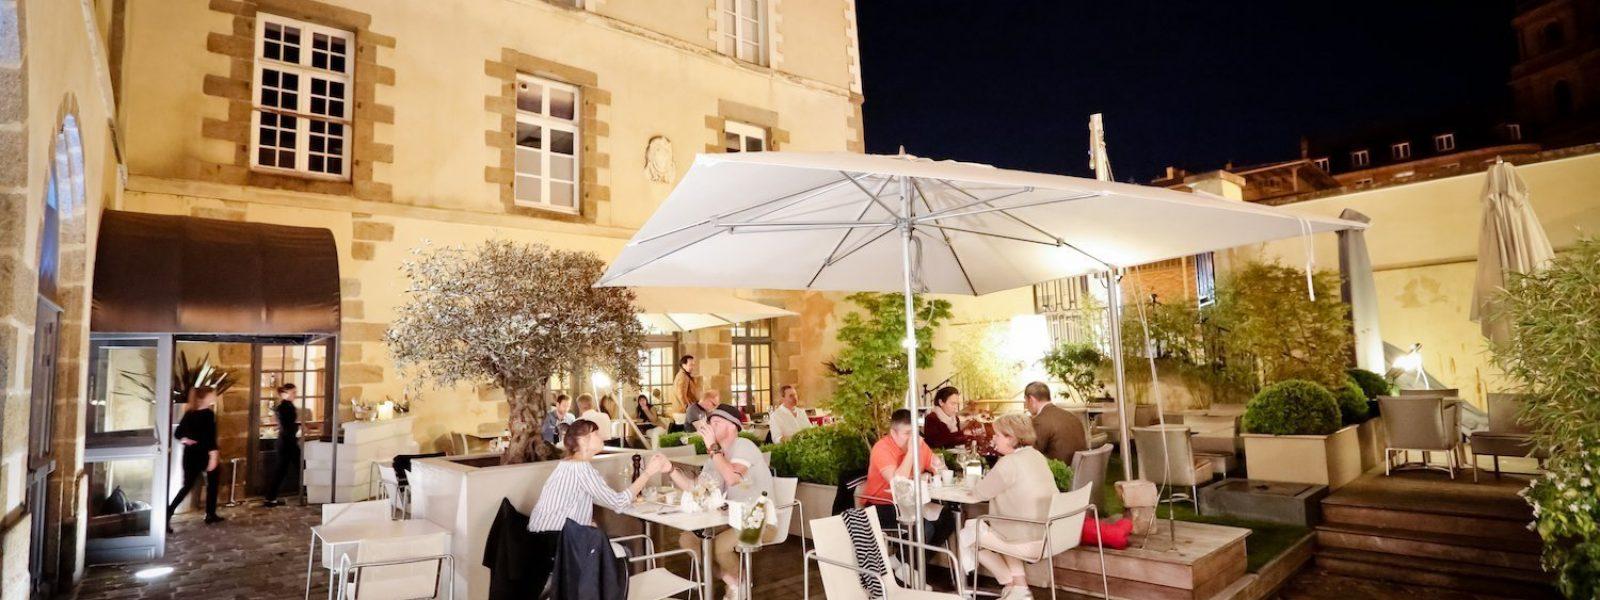 La terrasse du restaurant le Carré